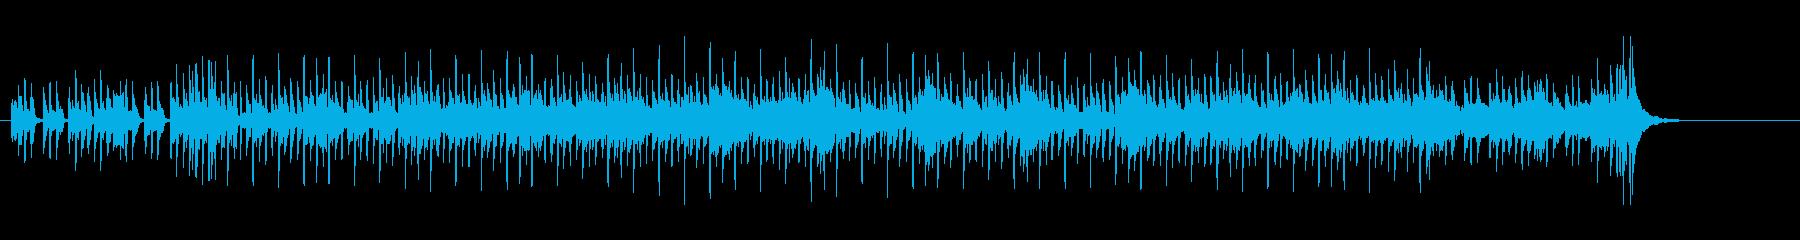 成熟したデジタル感覚のポップスの再生済みの波形